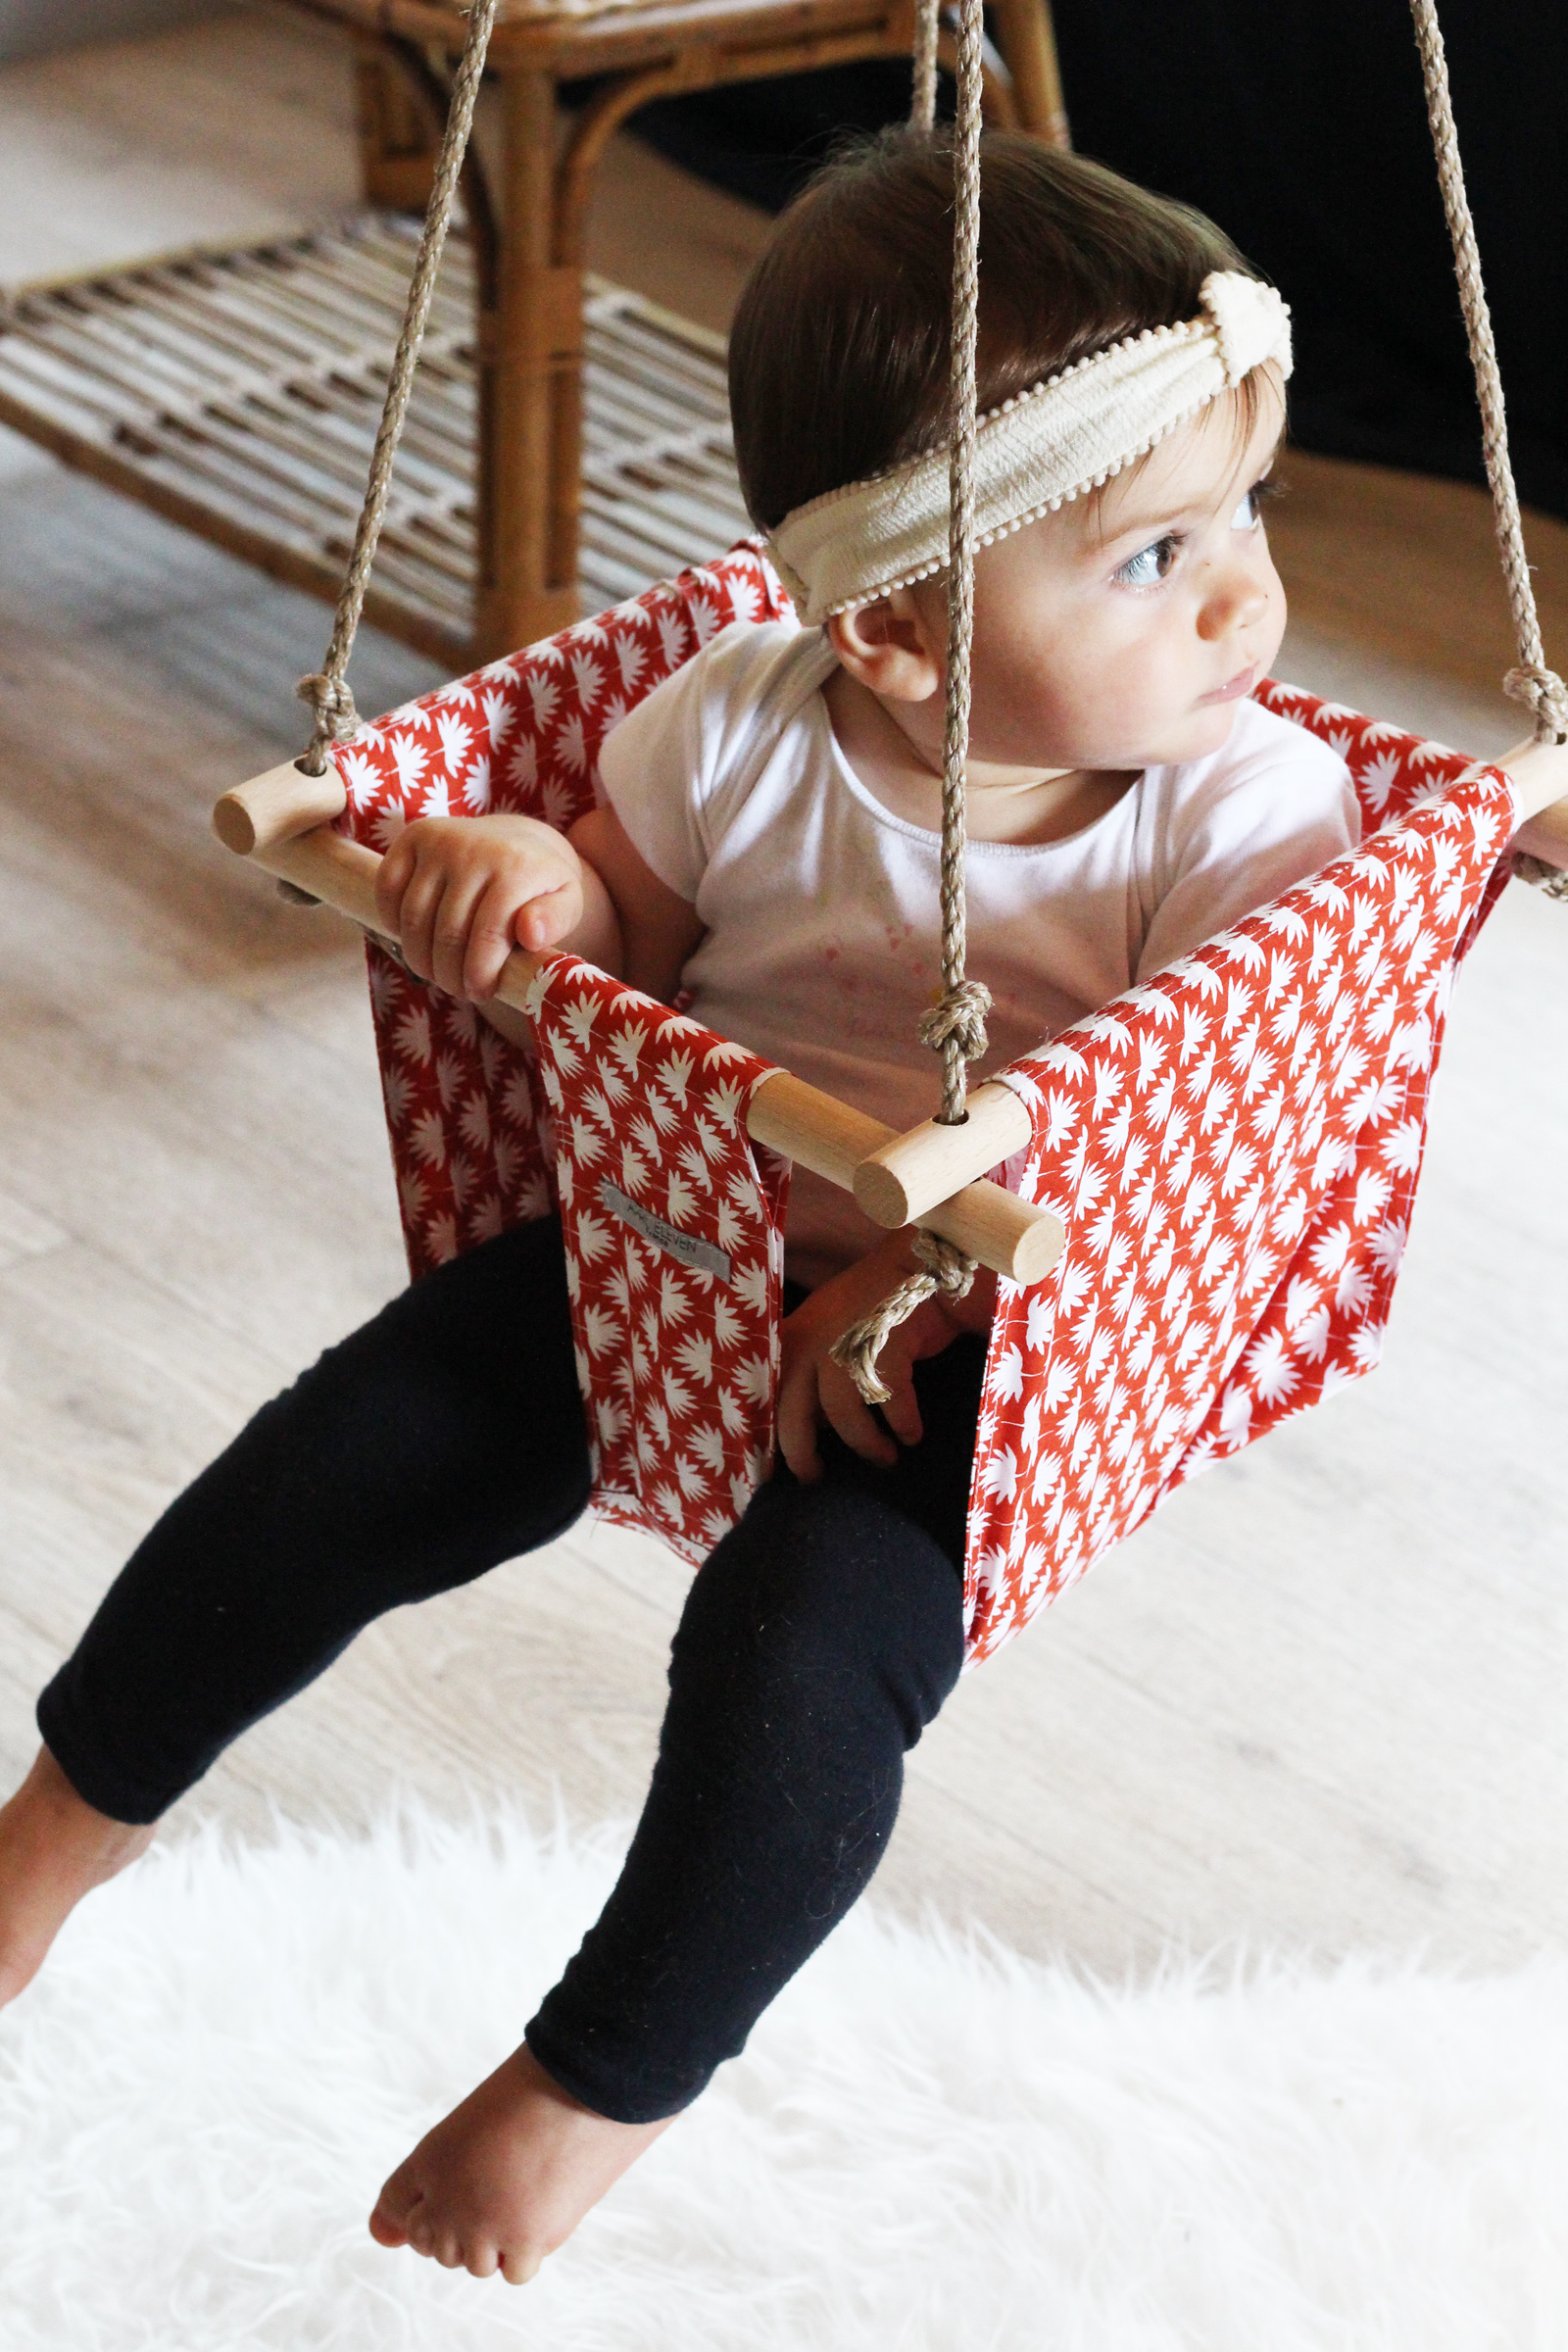 Comment Fixer Une Balançoire À Une Branche D Arbre une balançoire pour bébé / april eleven - blog d'idées déco